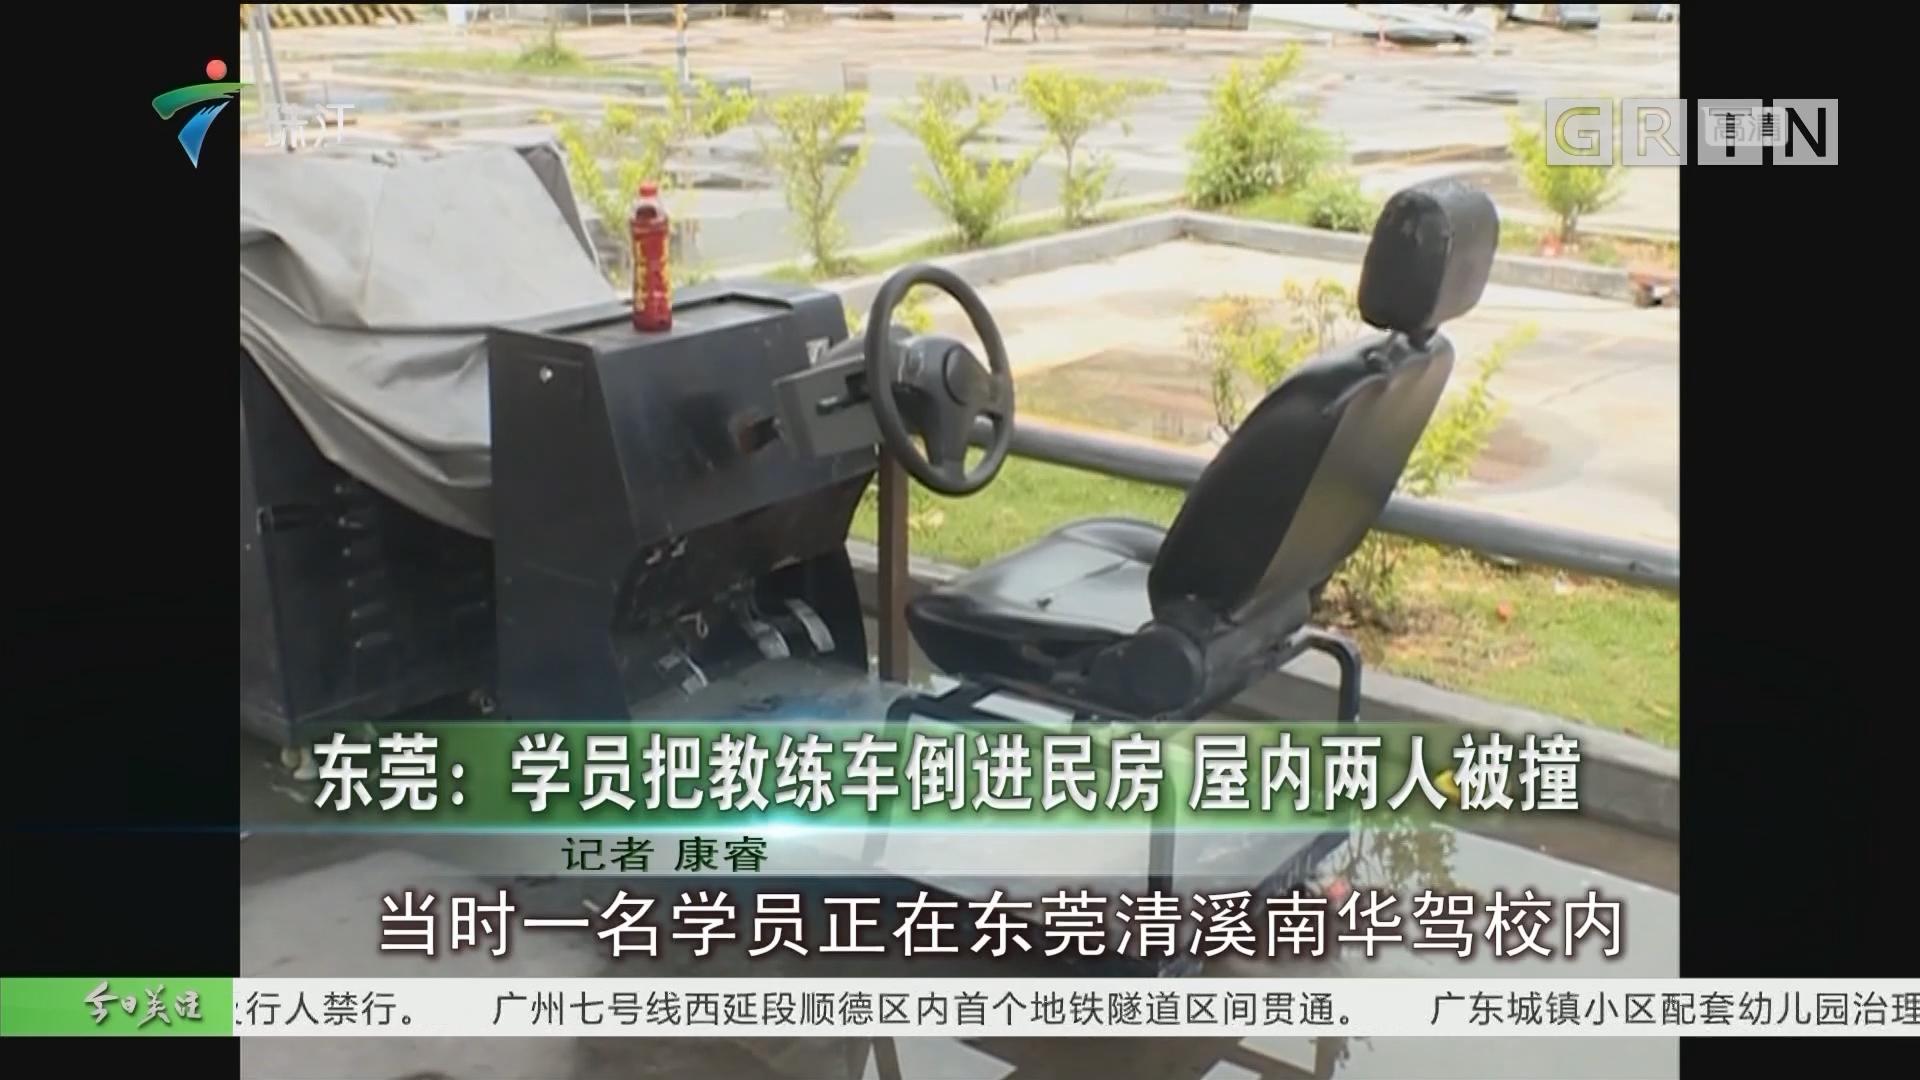 东莞:学员把教练车倒进民房 屋内两人被撞